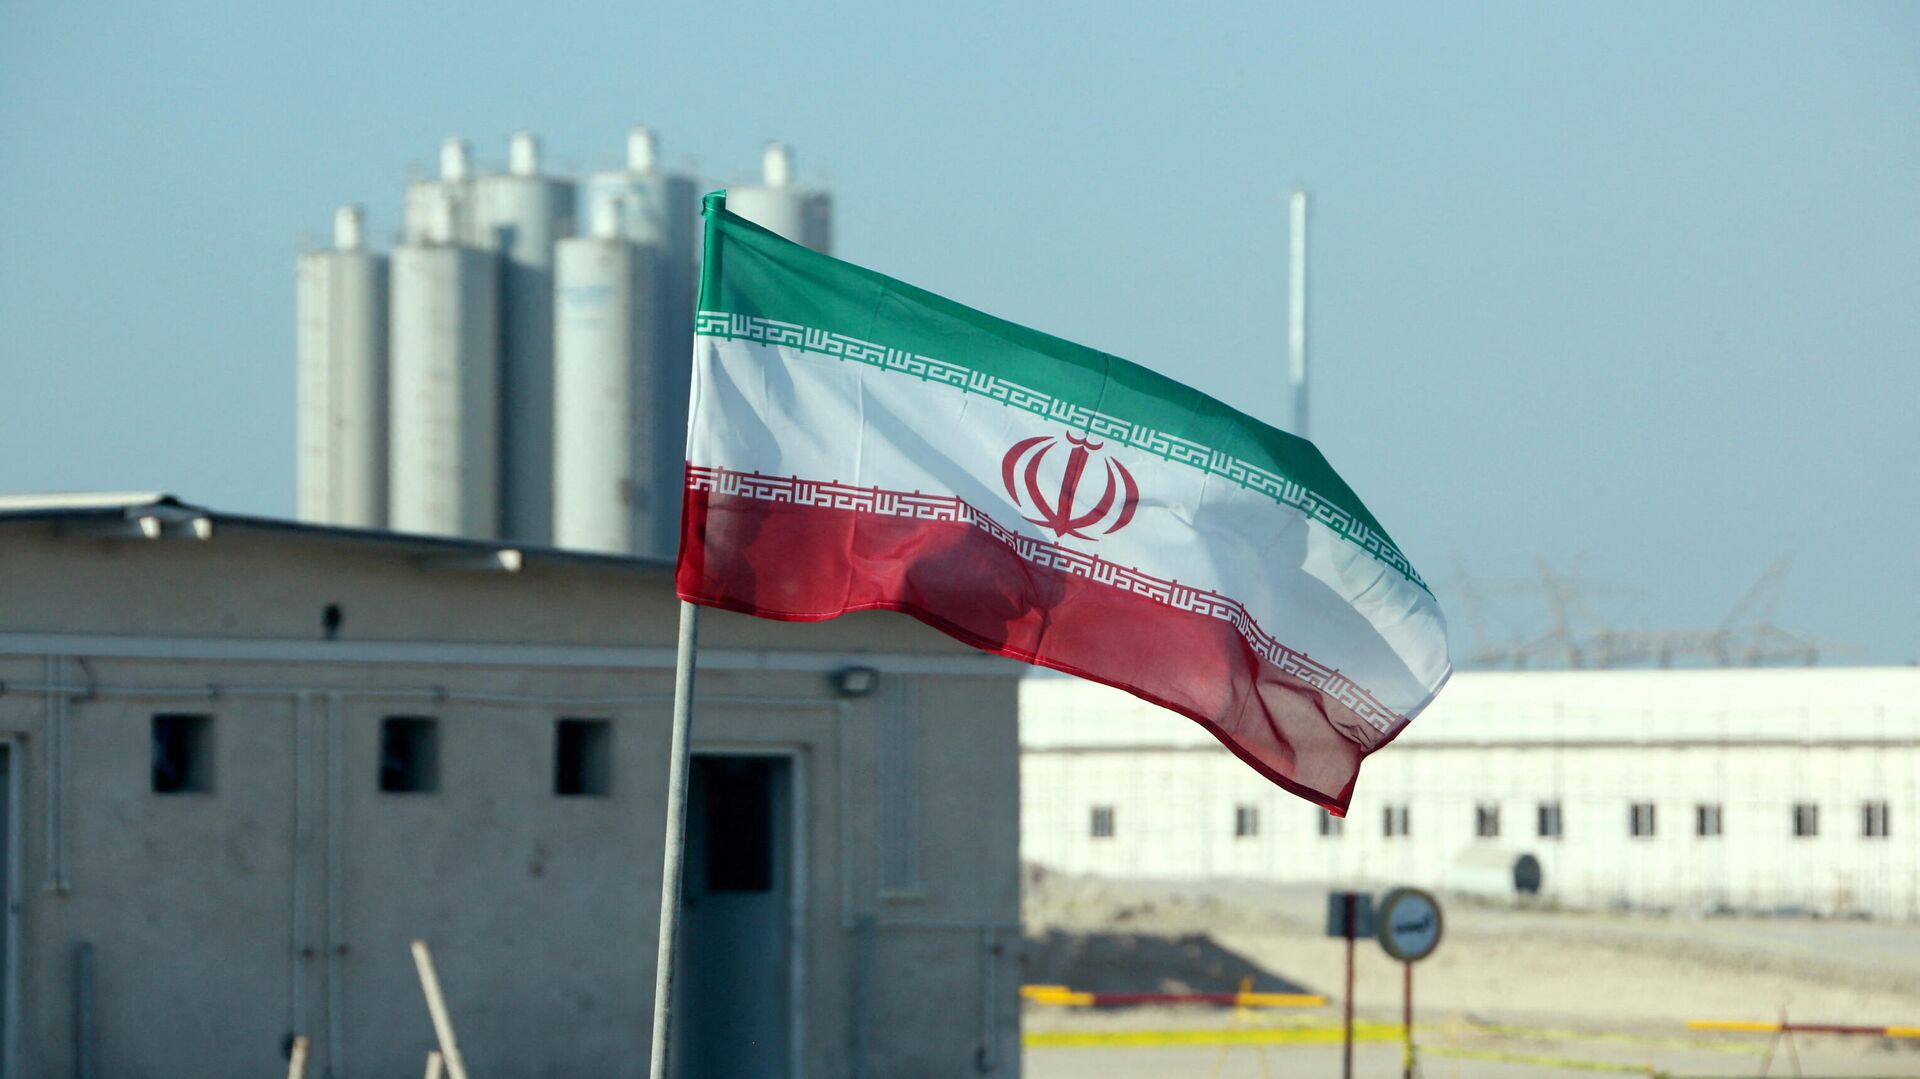 La bandera de Irán frente a una planta nuclear (archivo) - Sputnik Mundo, 1920, 13.04.2021